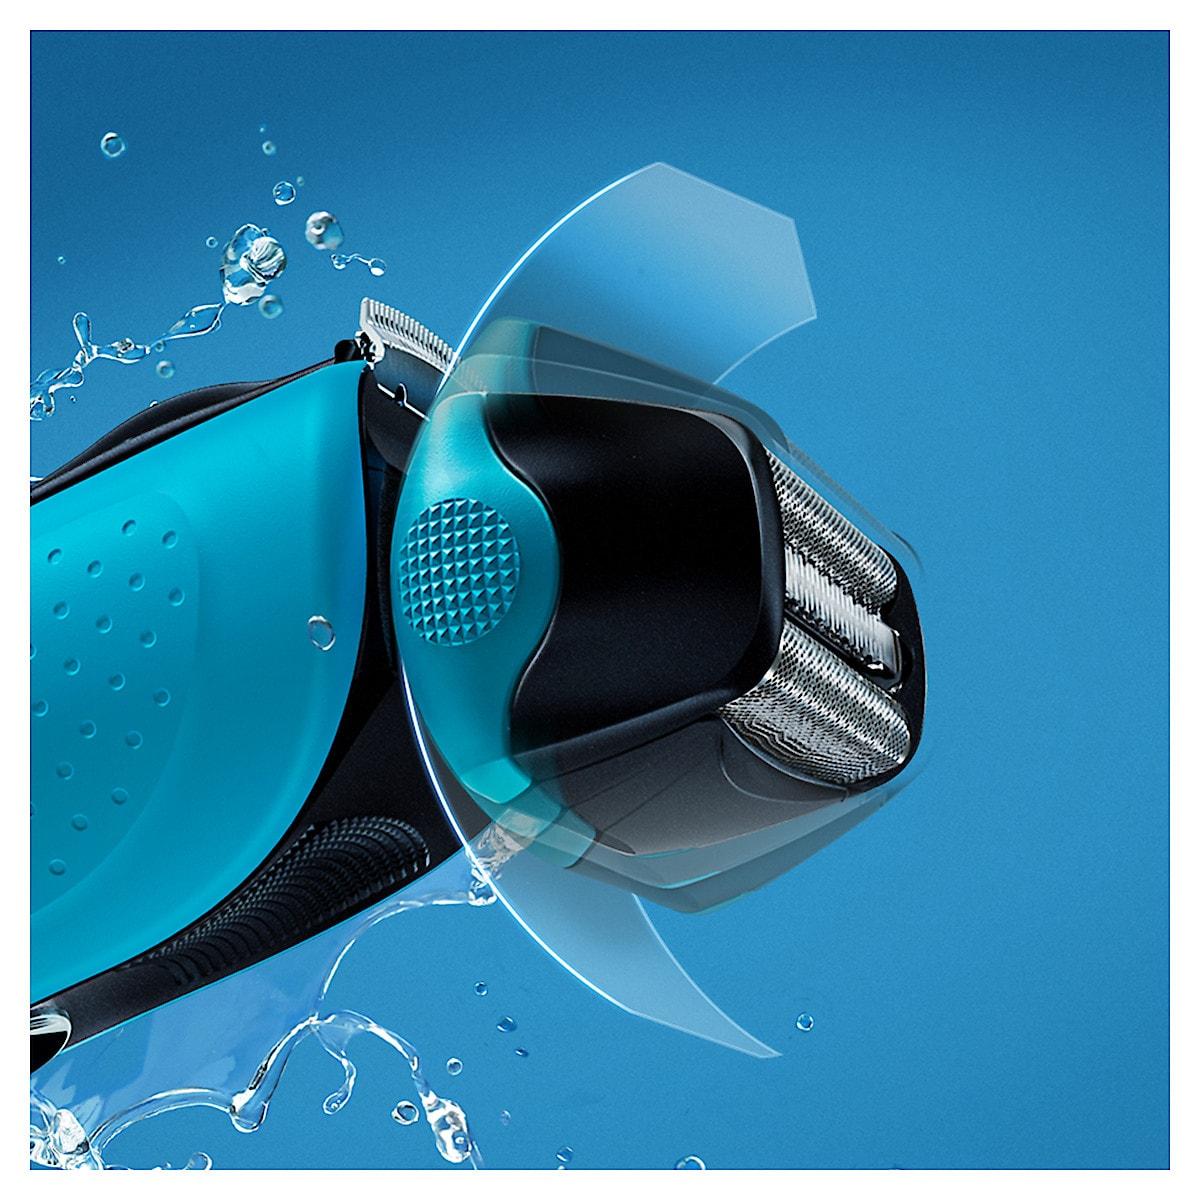 Partakone Braun WaterFlex 2s